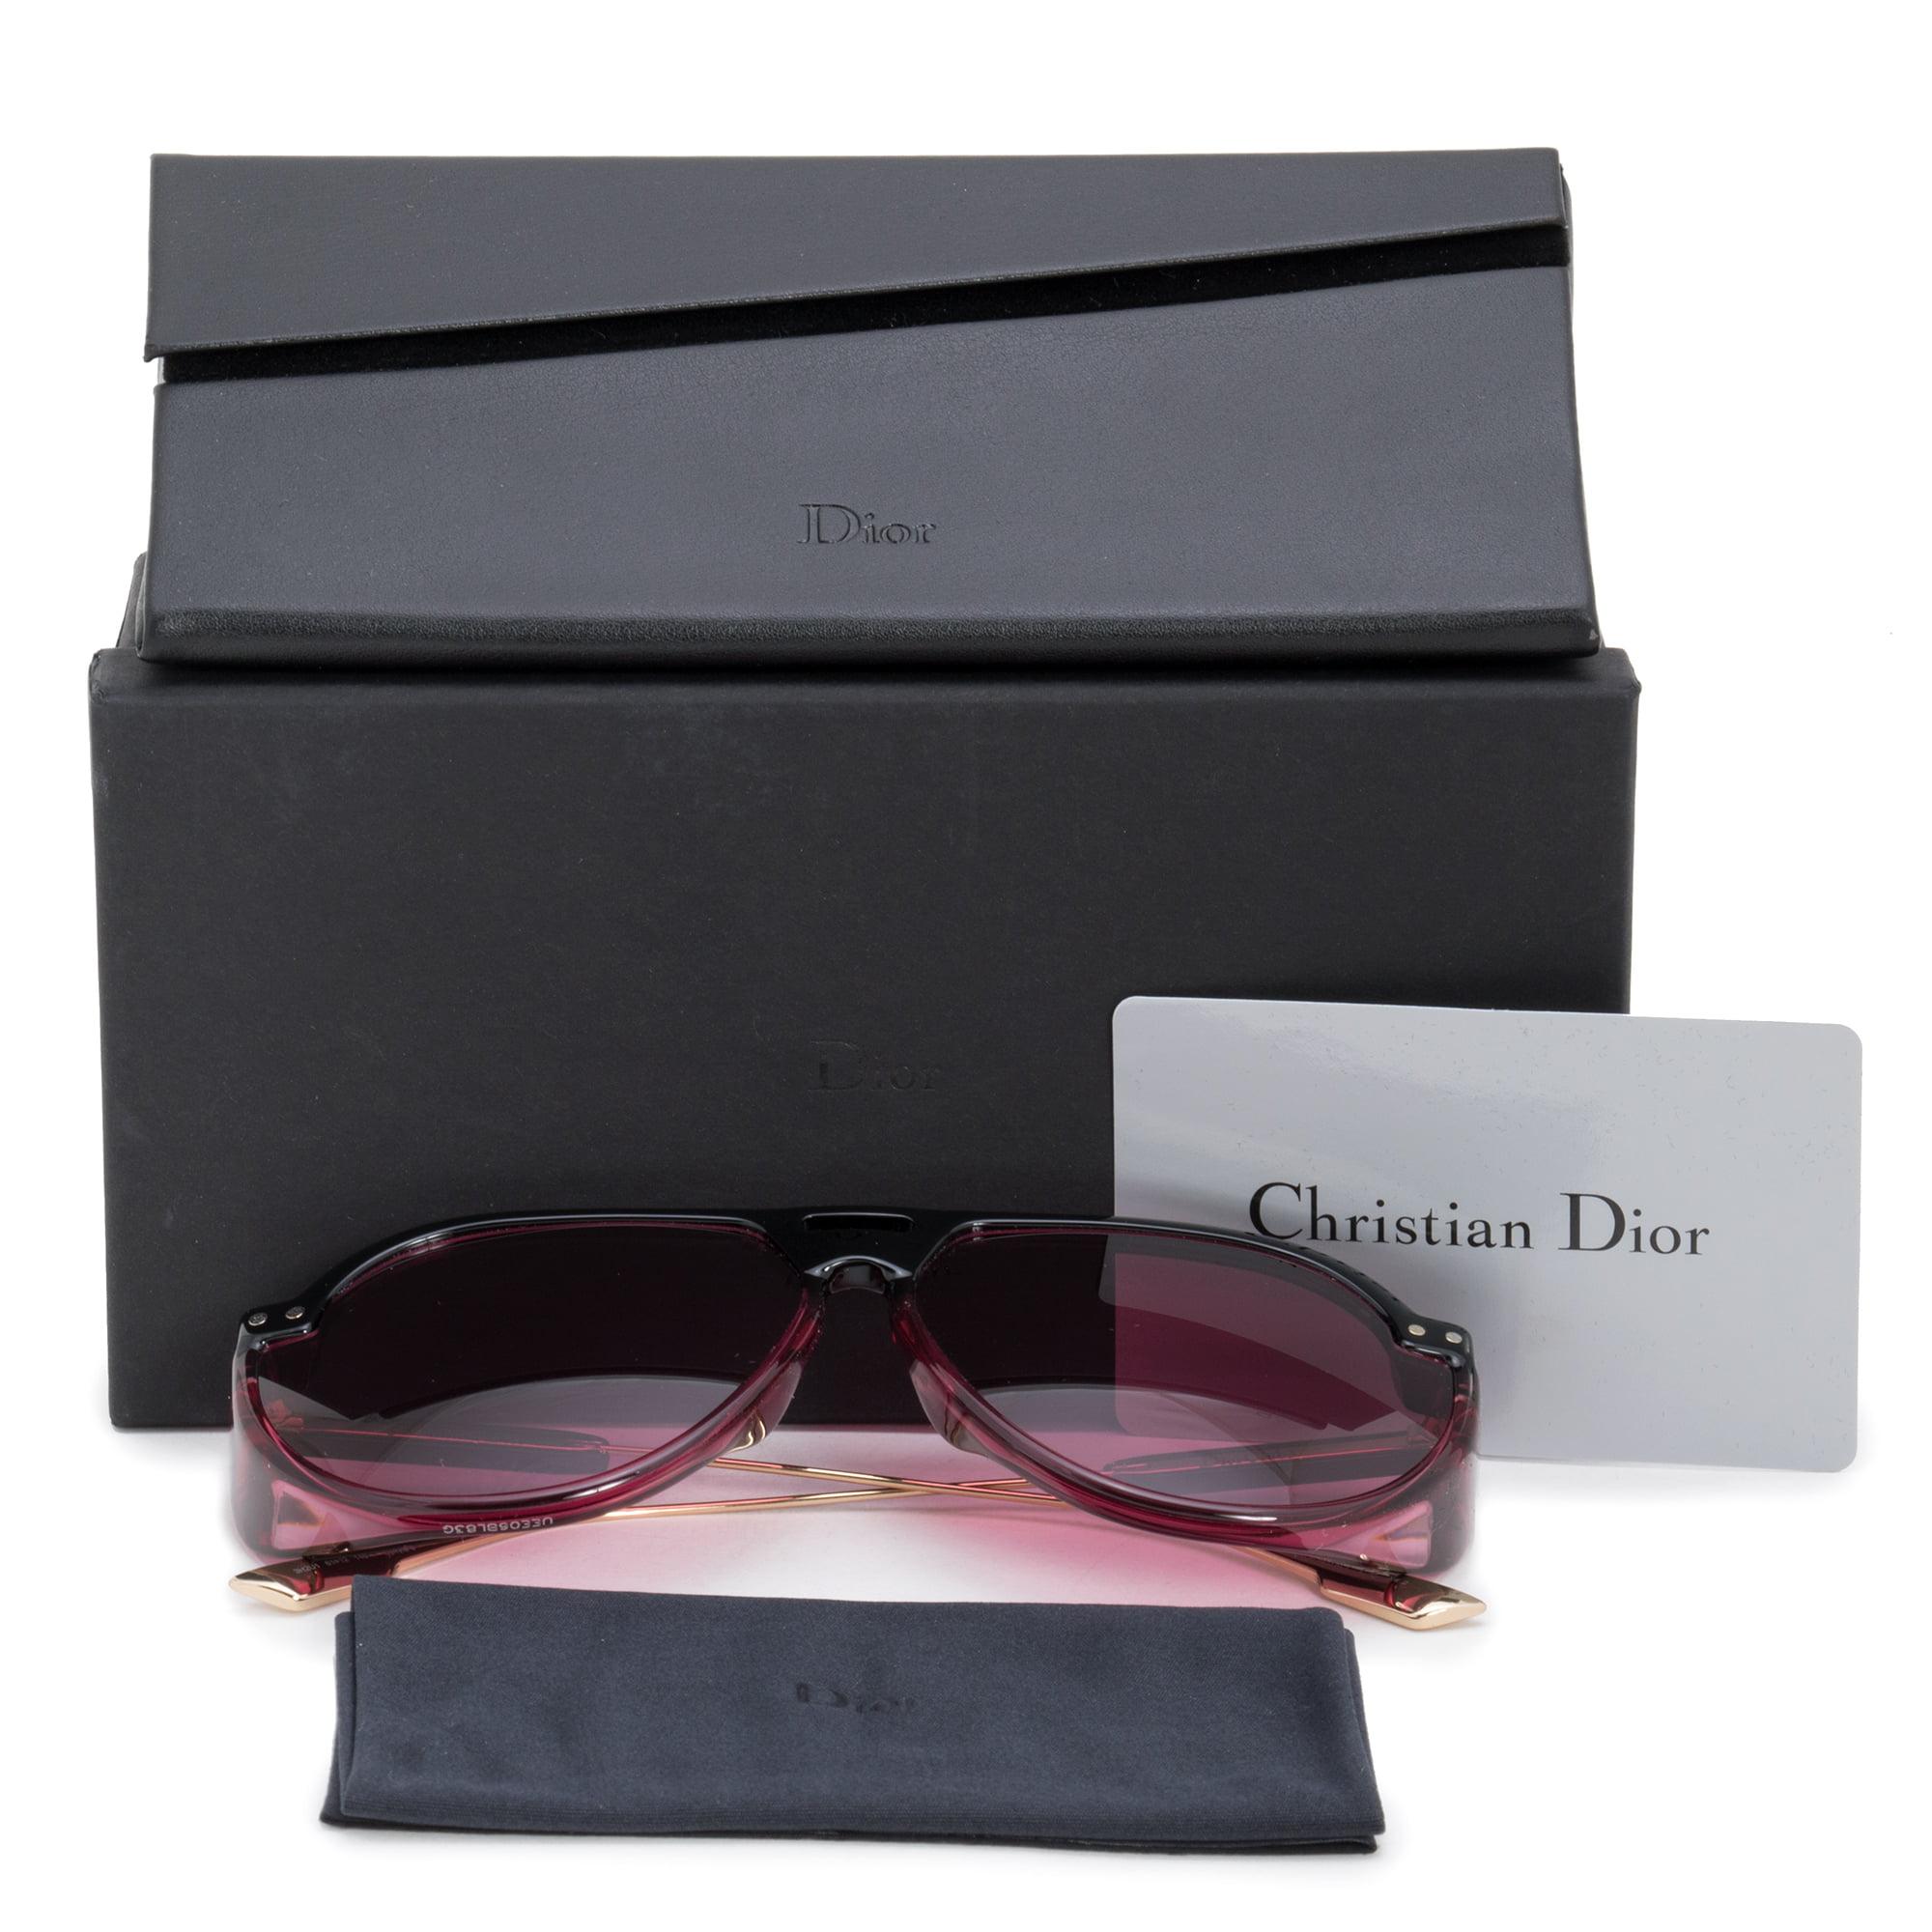 e5af2763d4 Christian Dior - Christian Dior Club 3 Aviator Sunglasses 3H2U1 61 -  Walmart.com